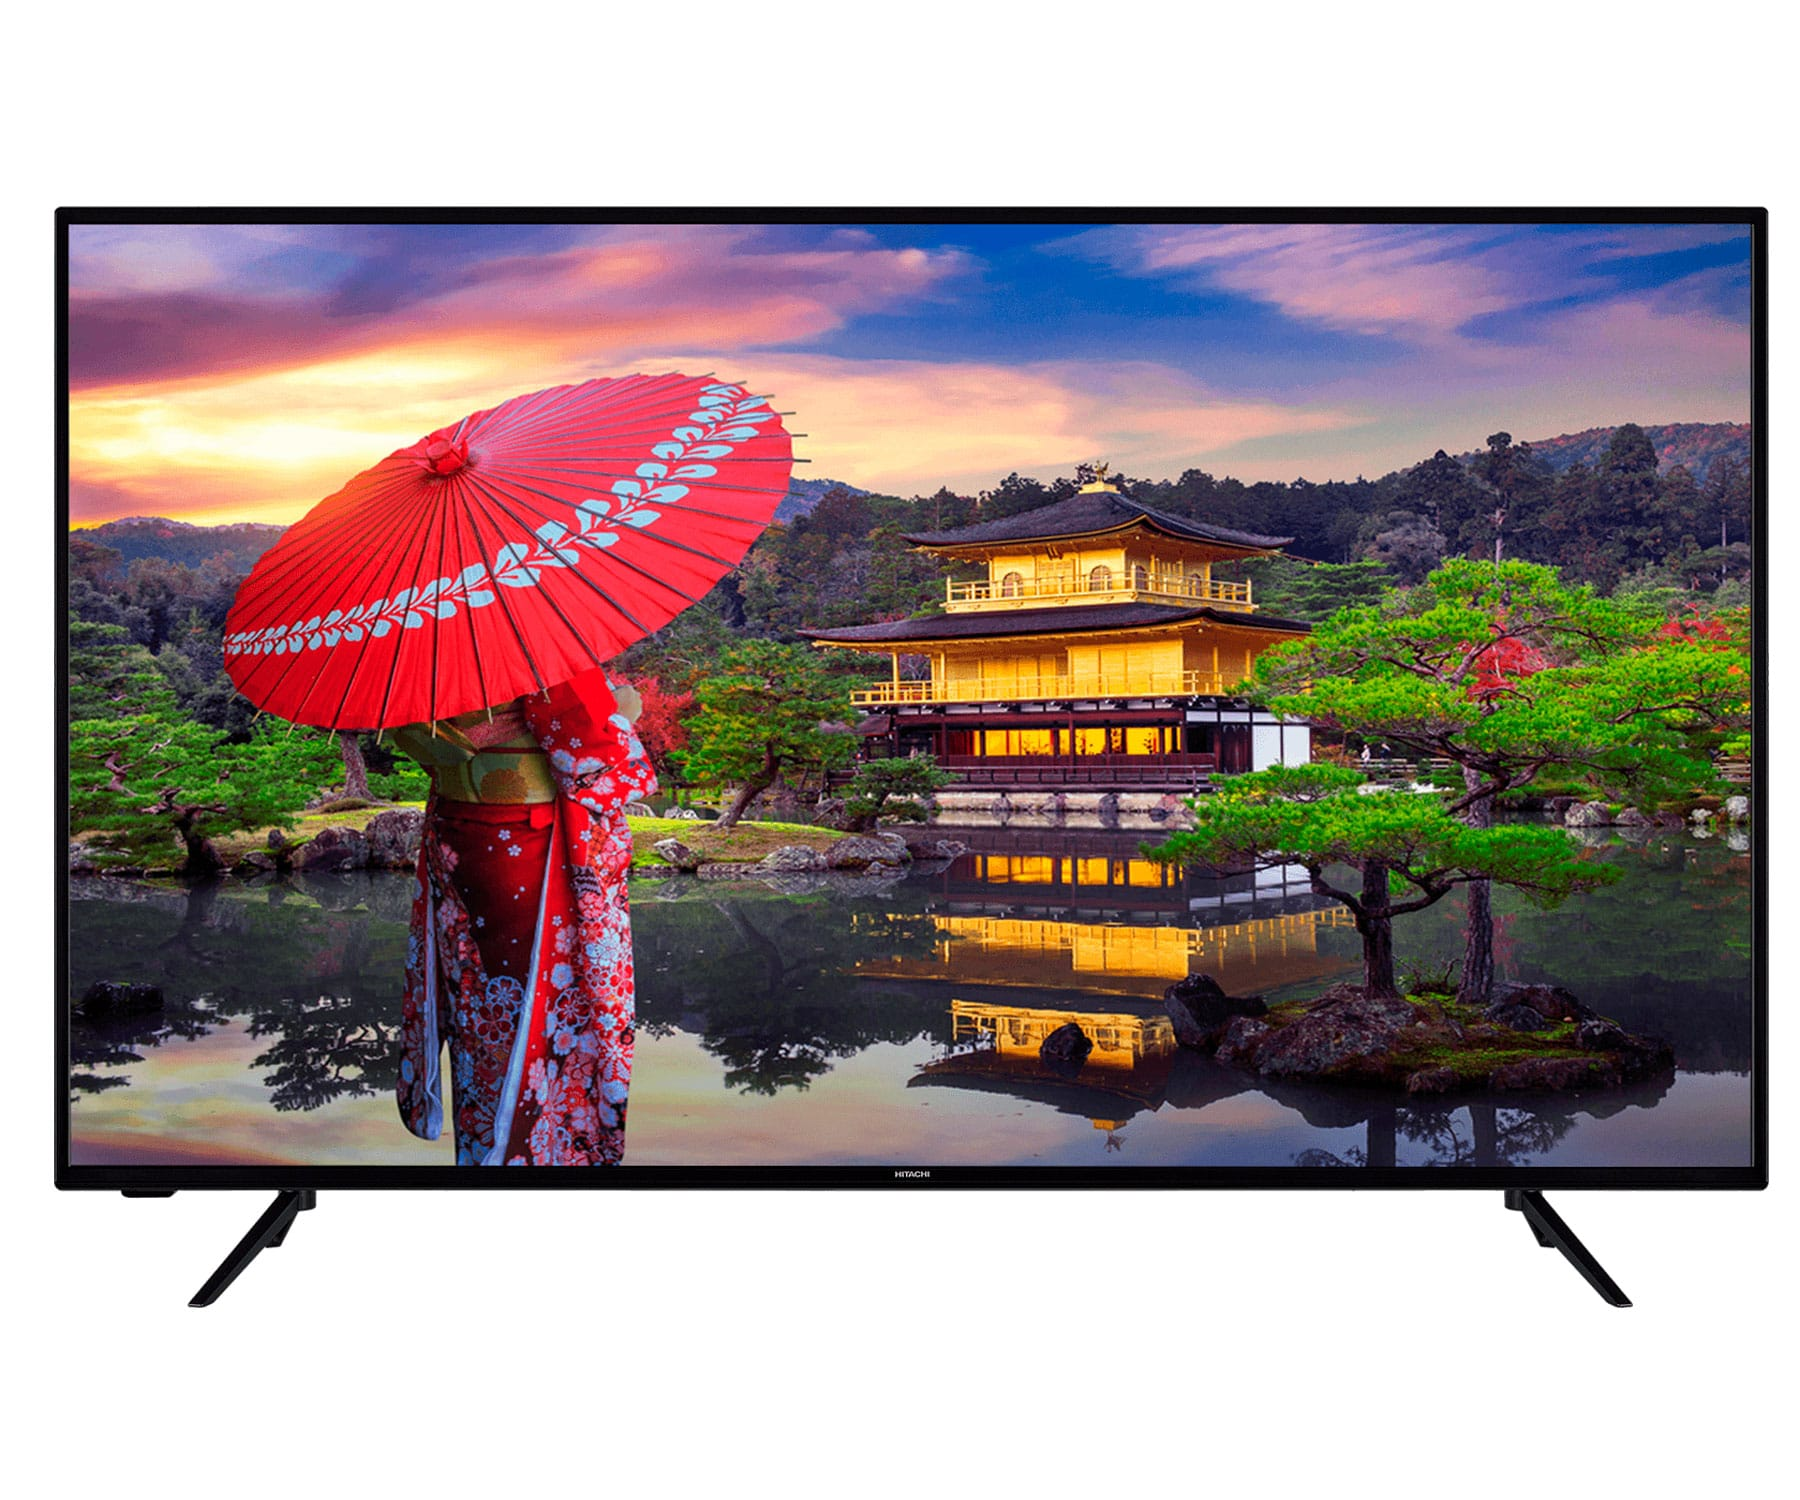 HITACHI 58HAK5751 TELEVISOR SMART TV 58'' UHD 4K HDR